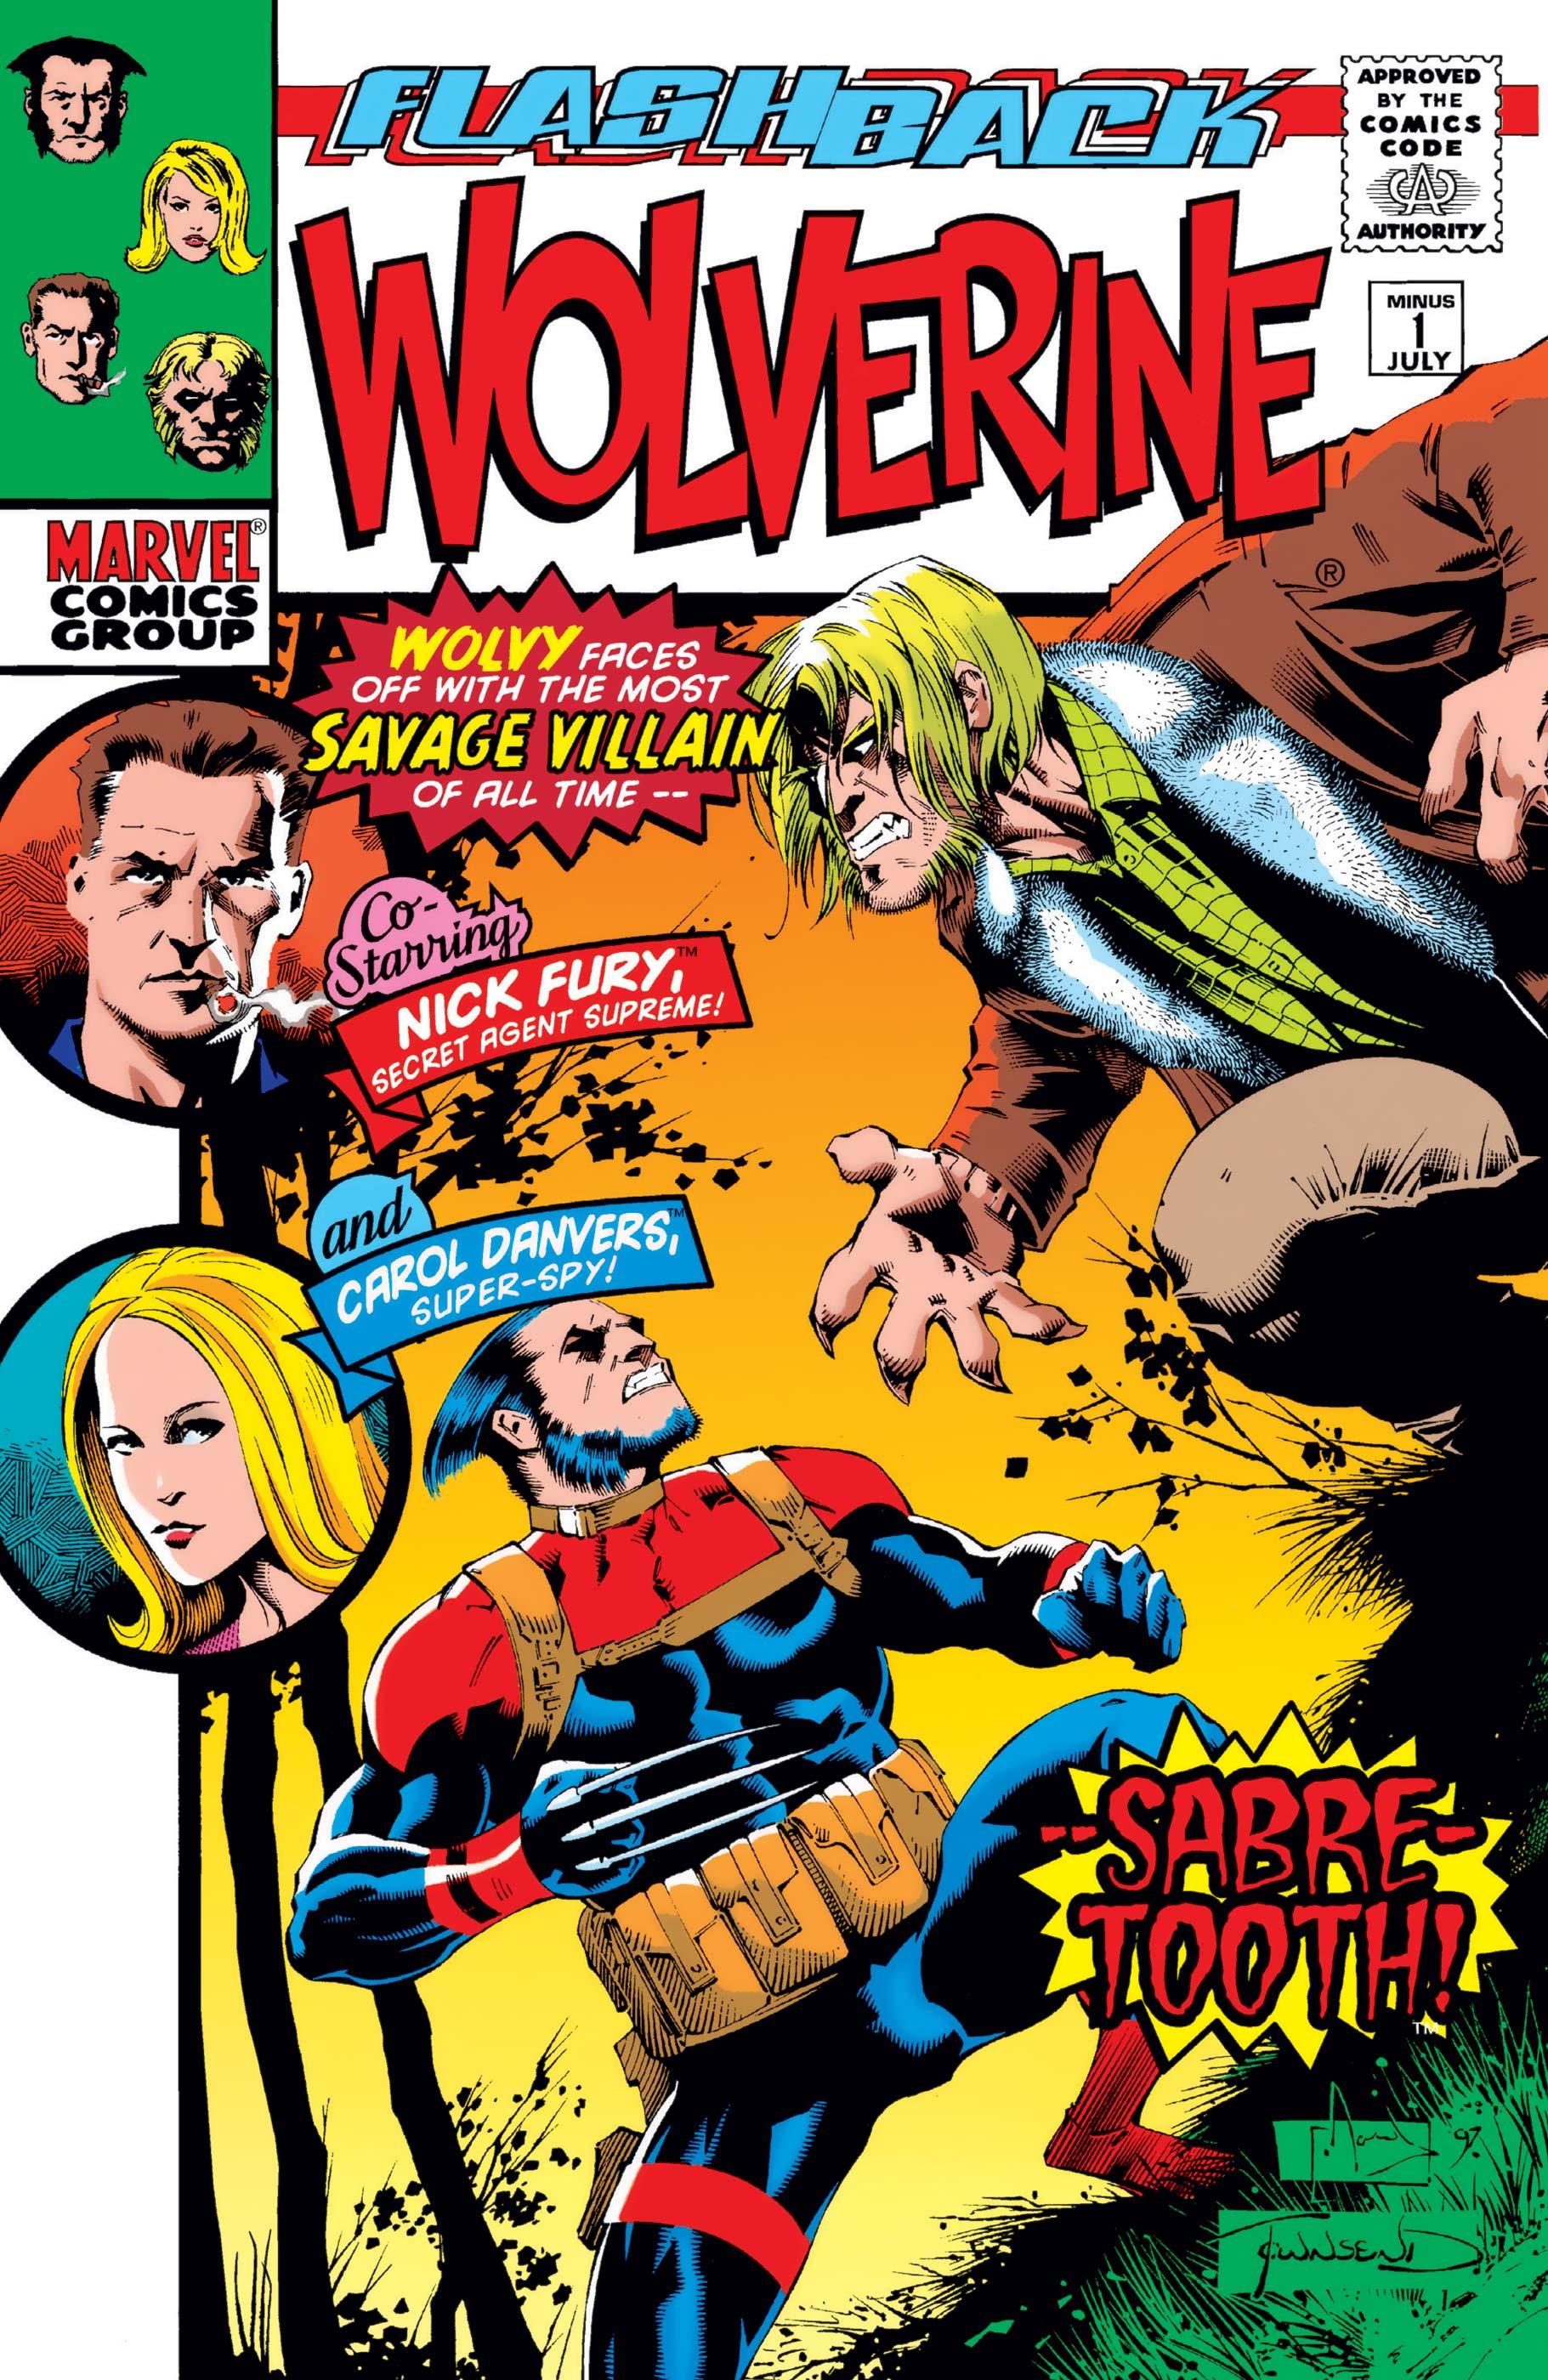 Wolverine (1988) #-1